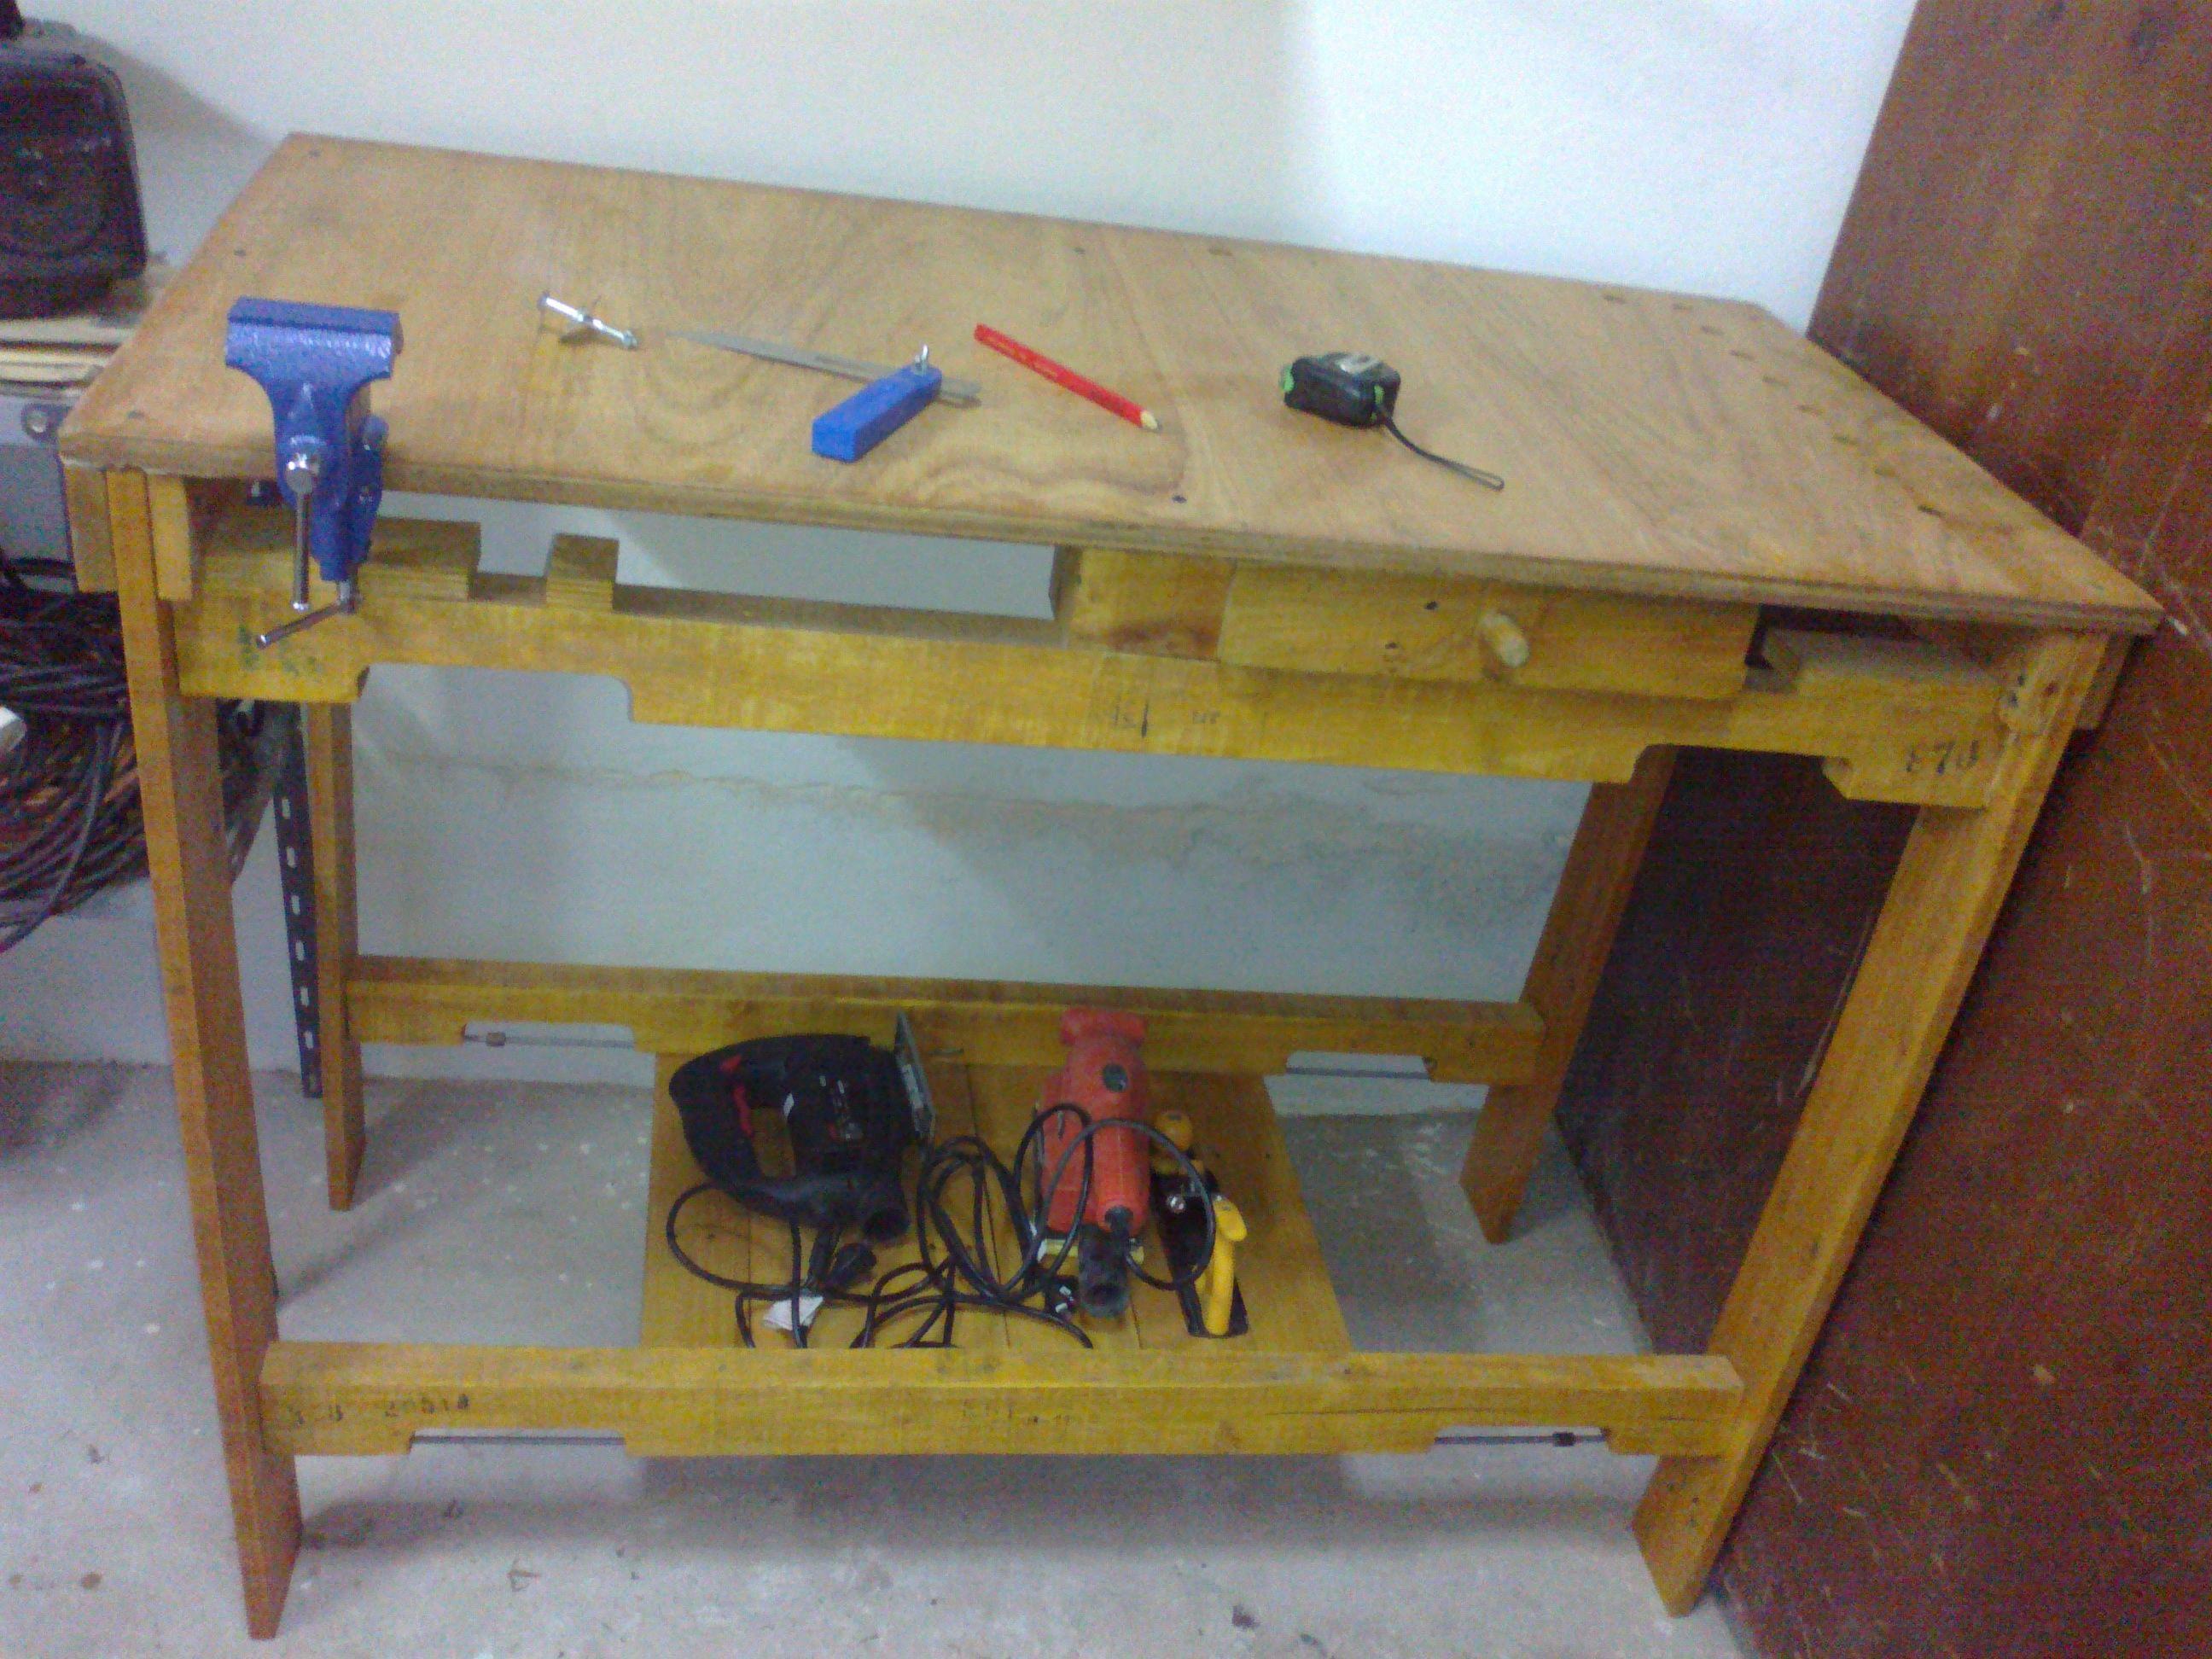 Mesa de carpintero construída totalmente con maderas de pallets. Carpenter table entirely built with wood from pallets.